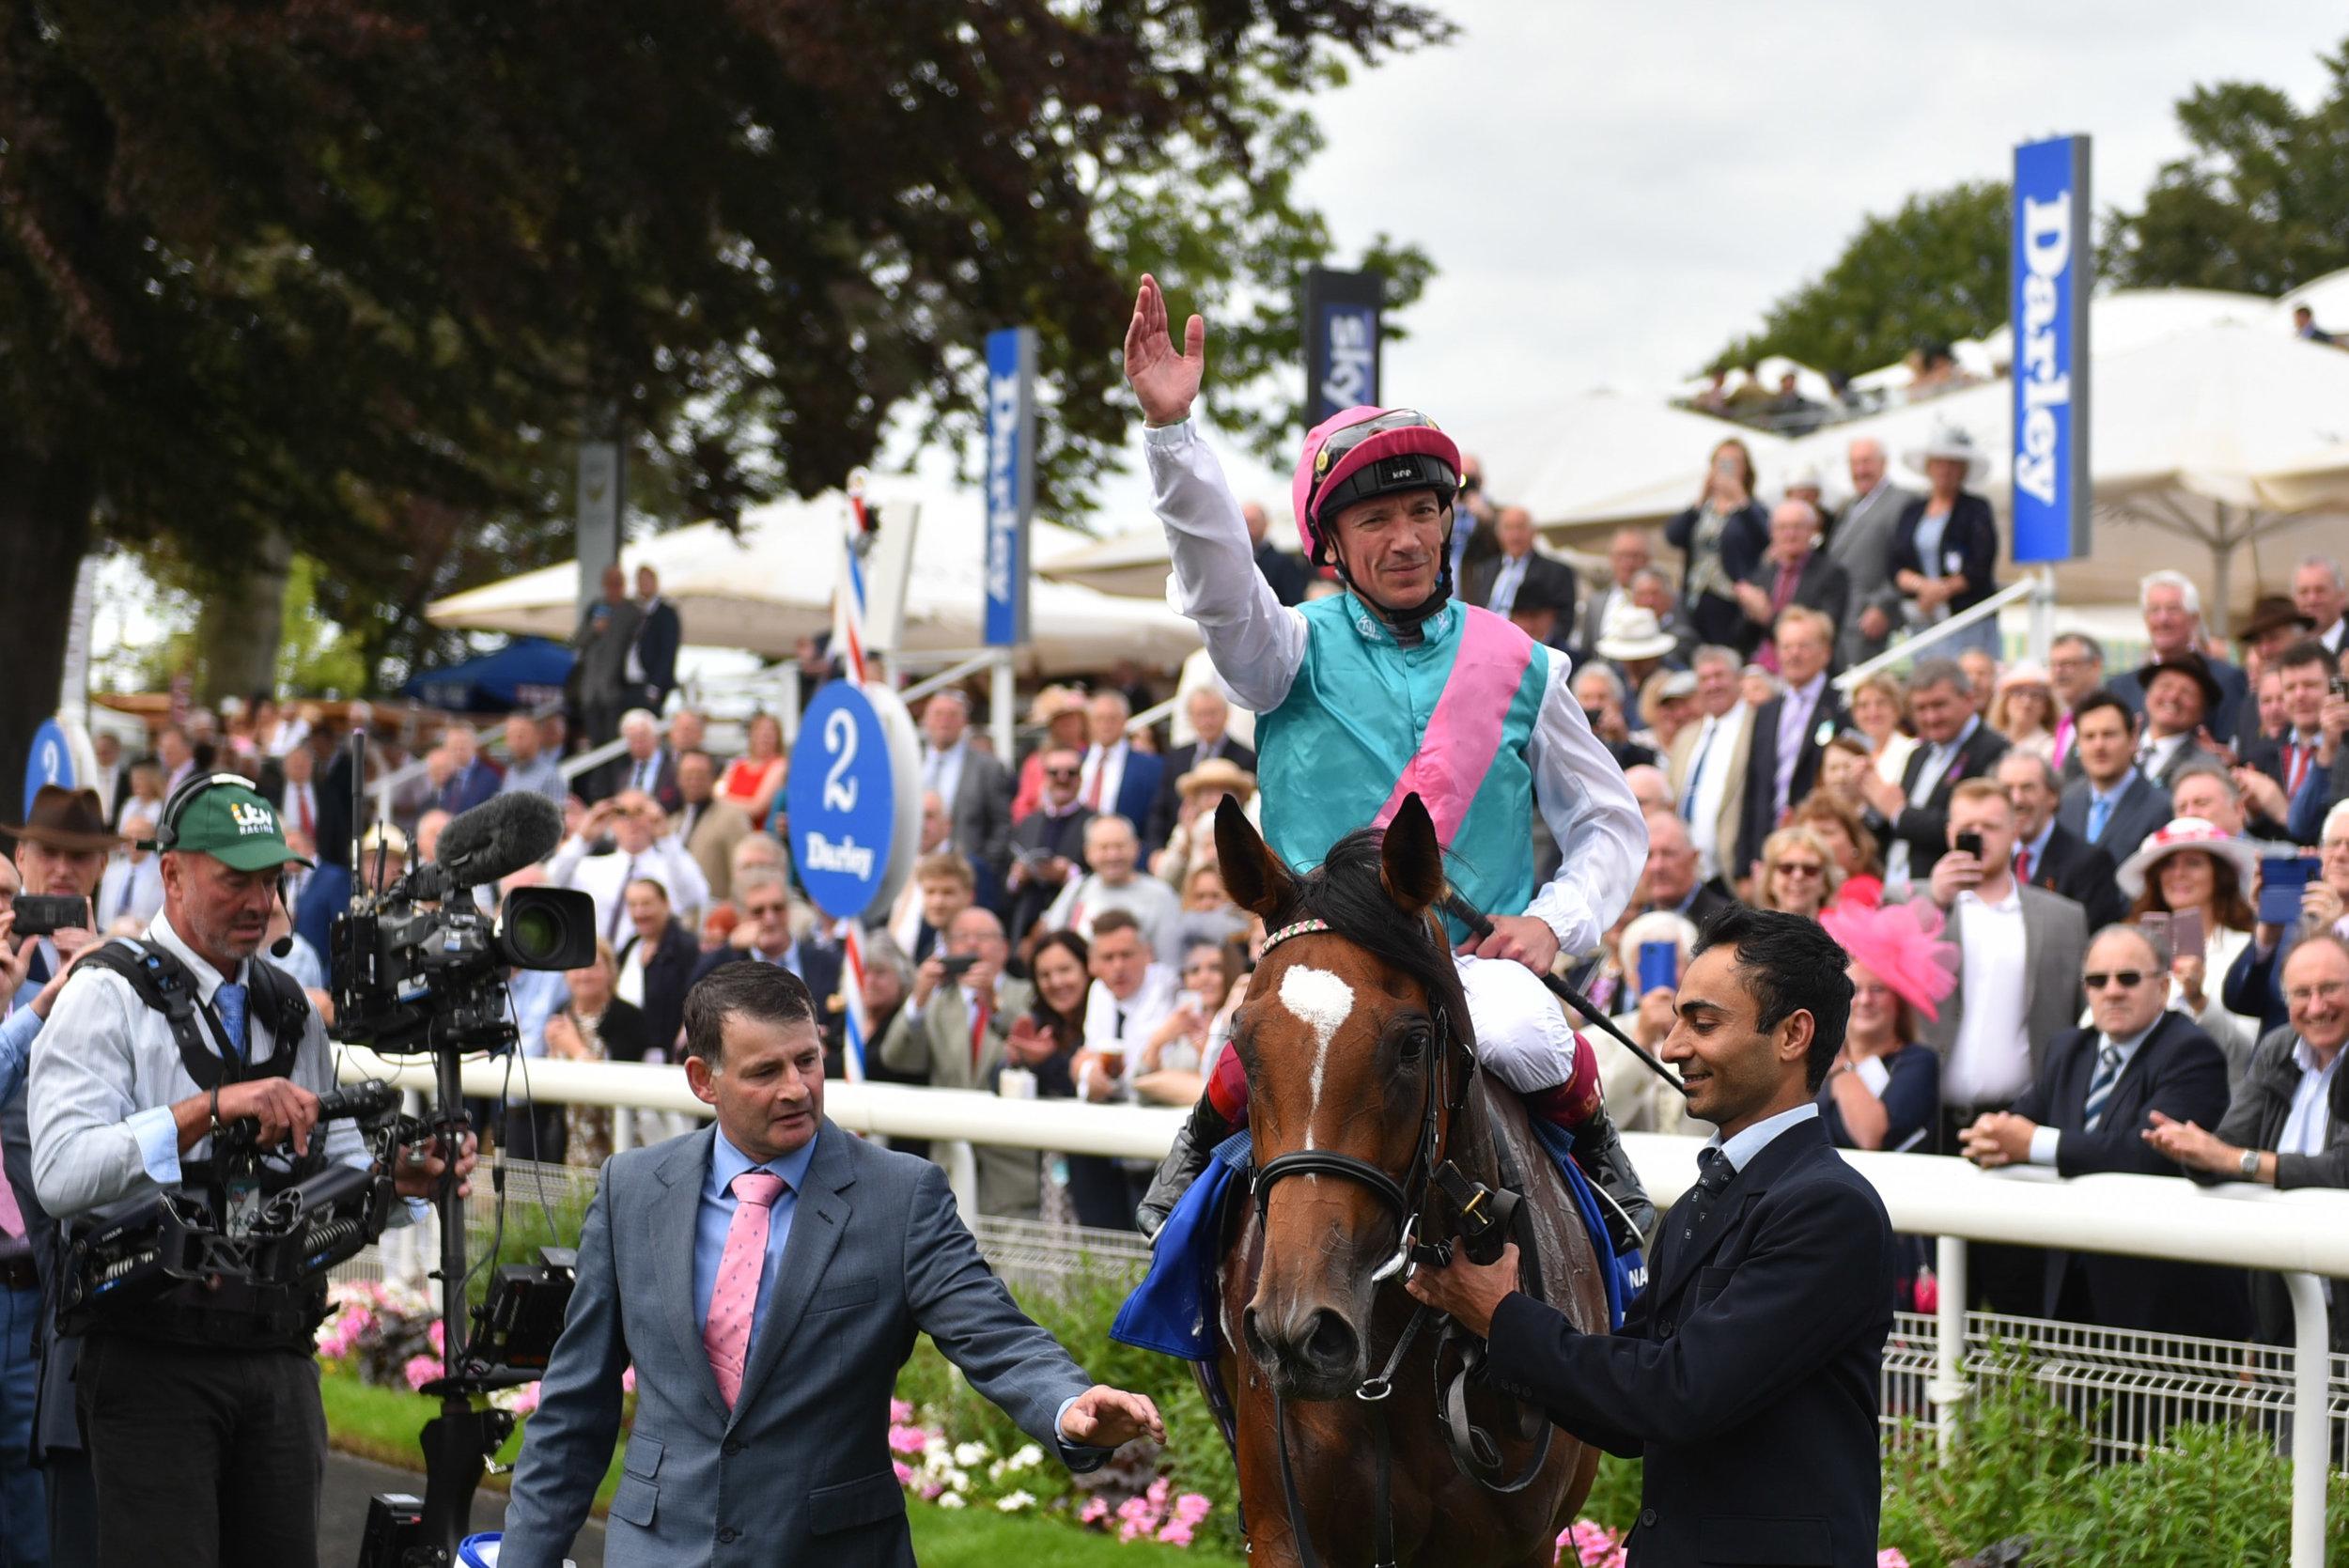 Enable Winning at York